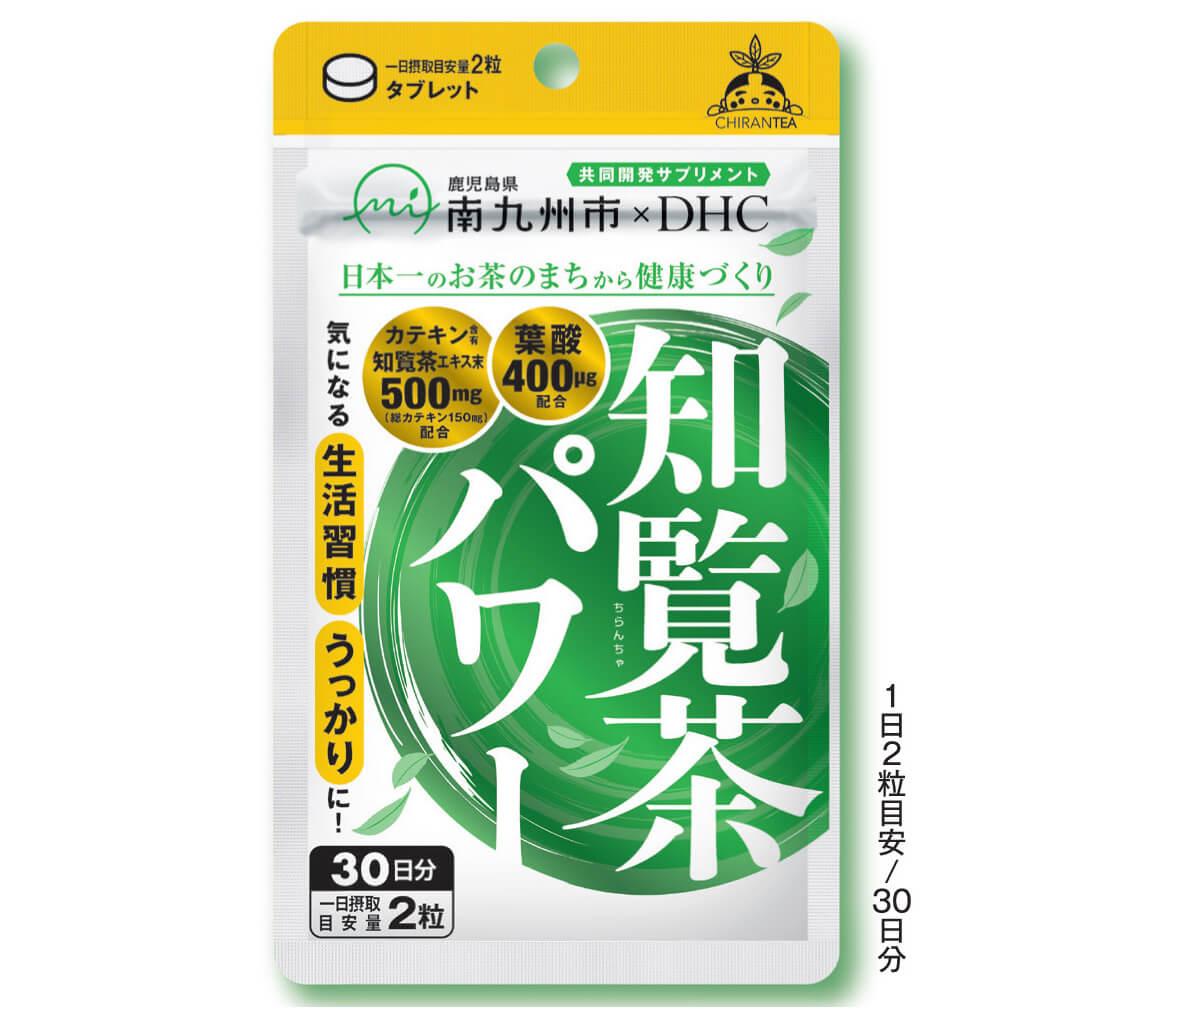 「知覧茶パワー」商品パッケージ